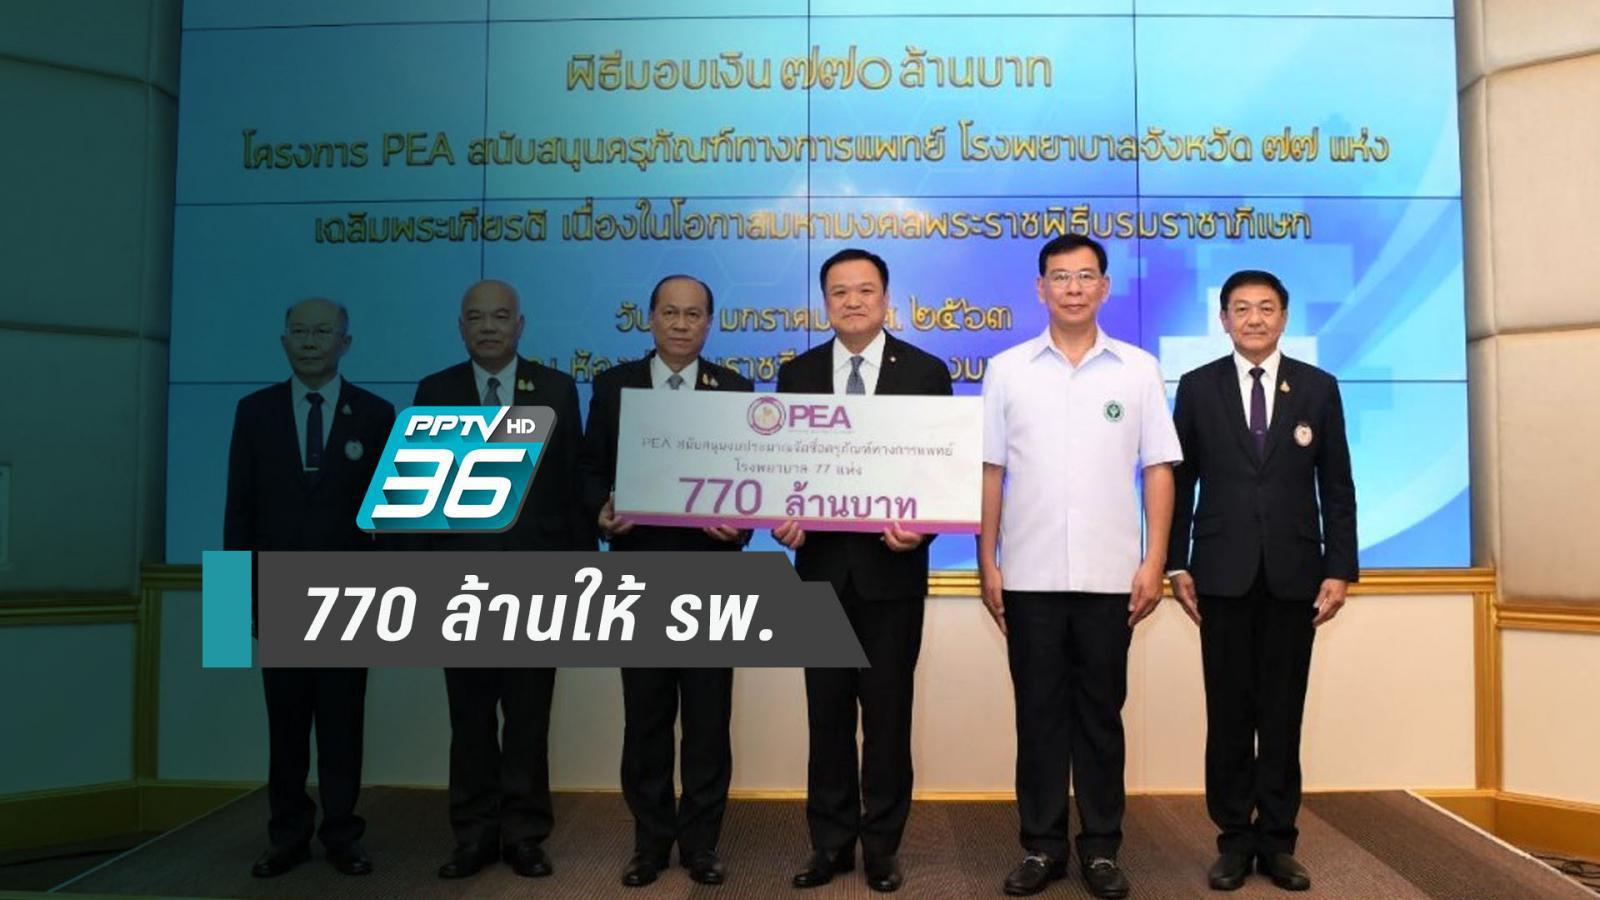 """""""อนุทิน"""" ขอบคุณการไฟฟ้าภูมิภาคบริจาคเงิน 770 ล้านให้ รพ. 77 แห่งทั่วประเทศ"""